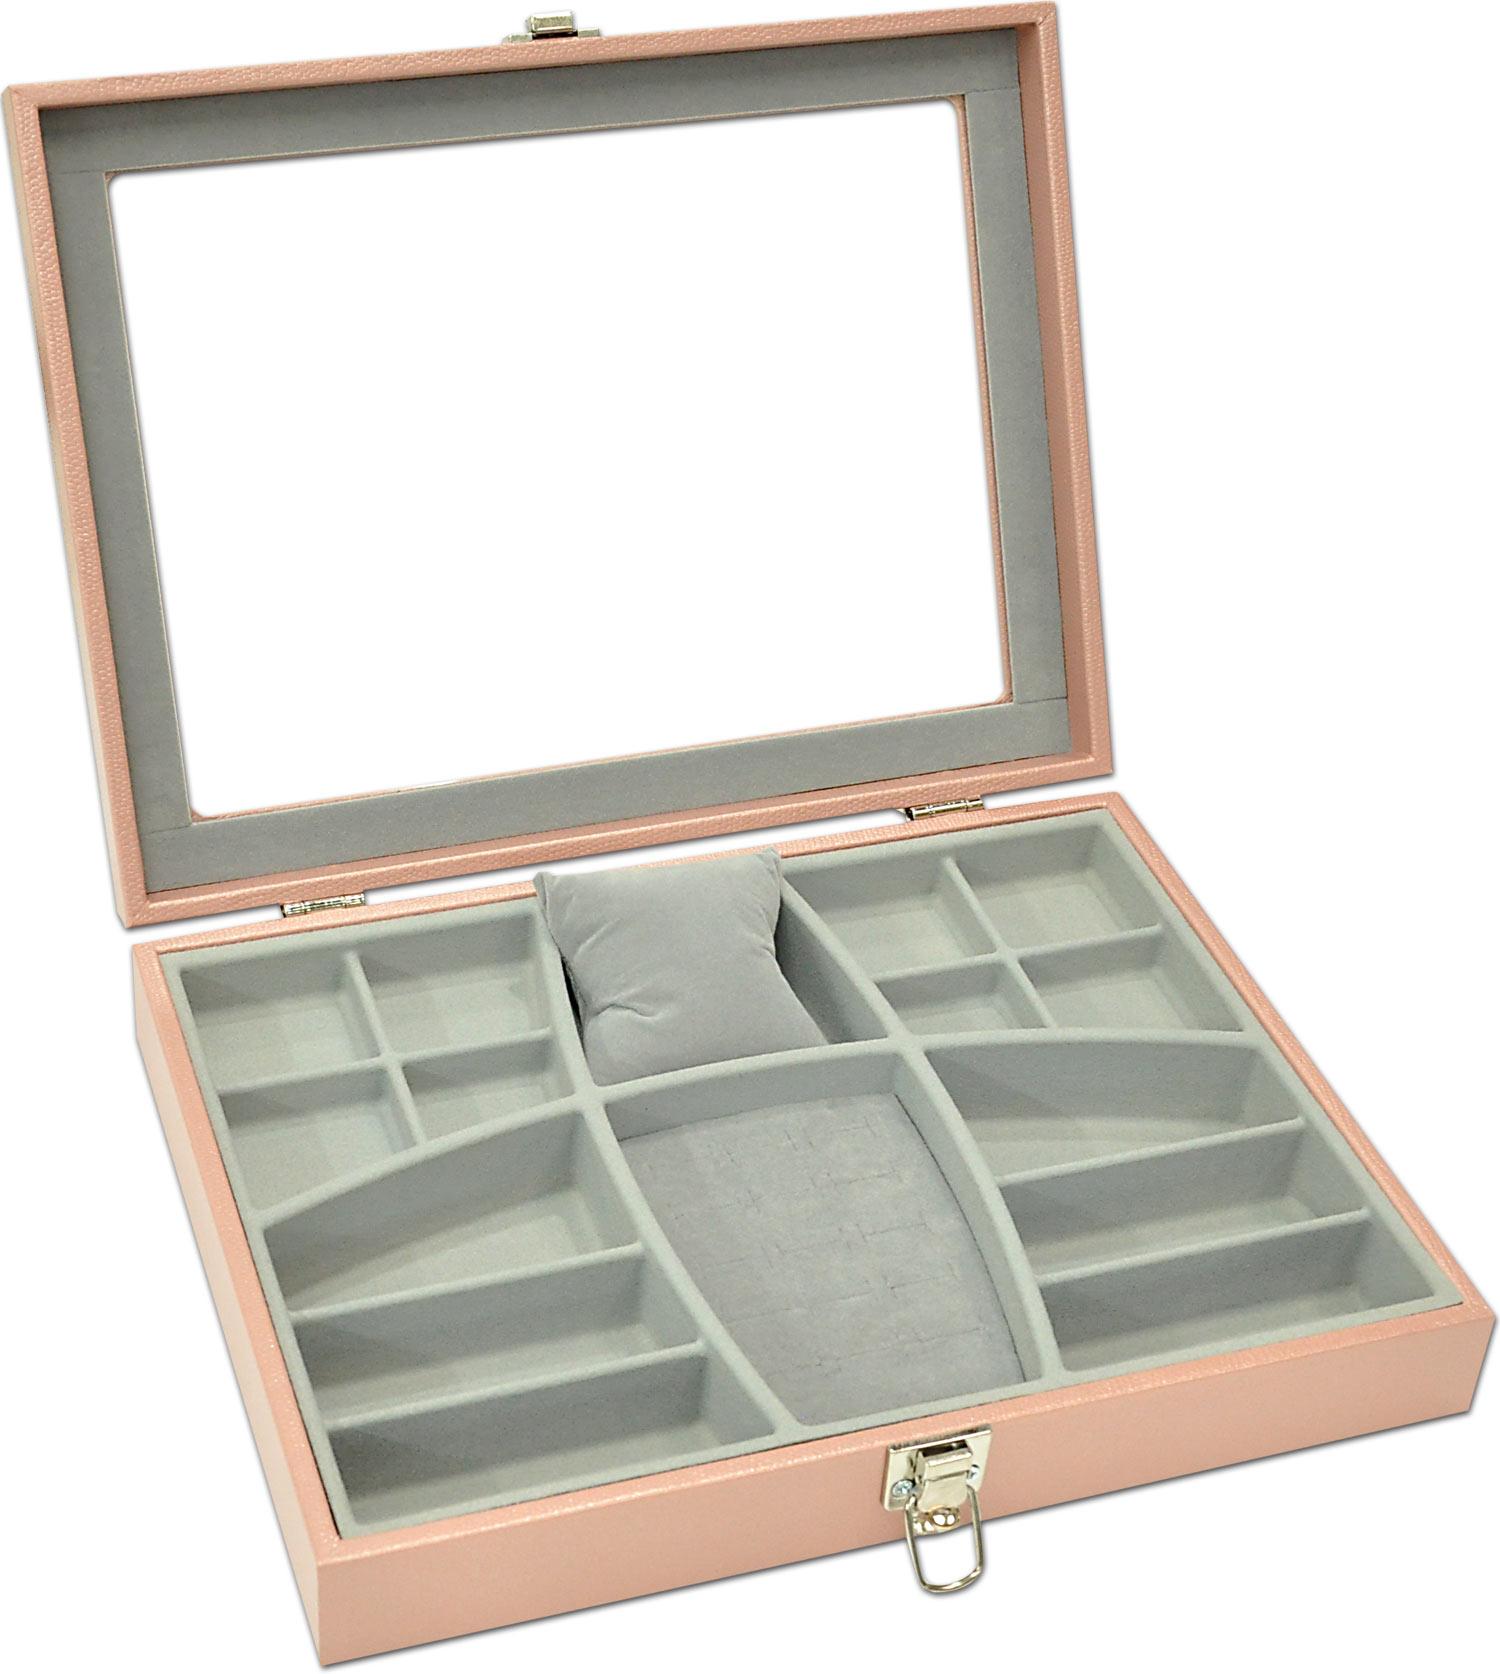 Porta-Joias modelo Luxo - Rosê / Cinza